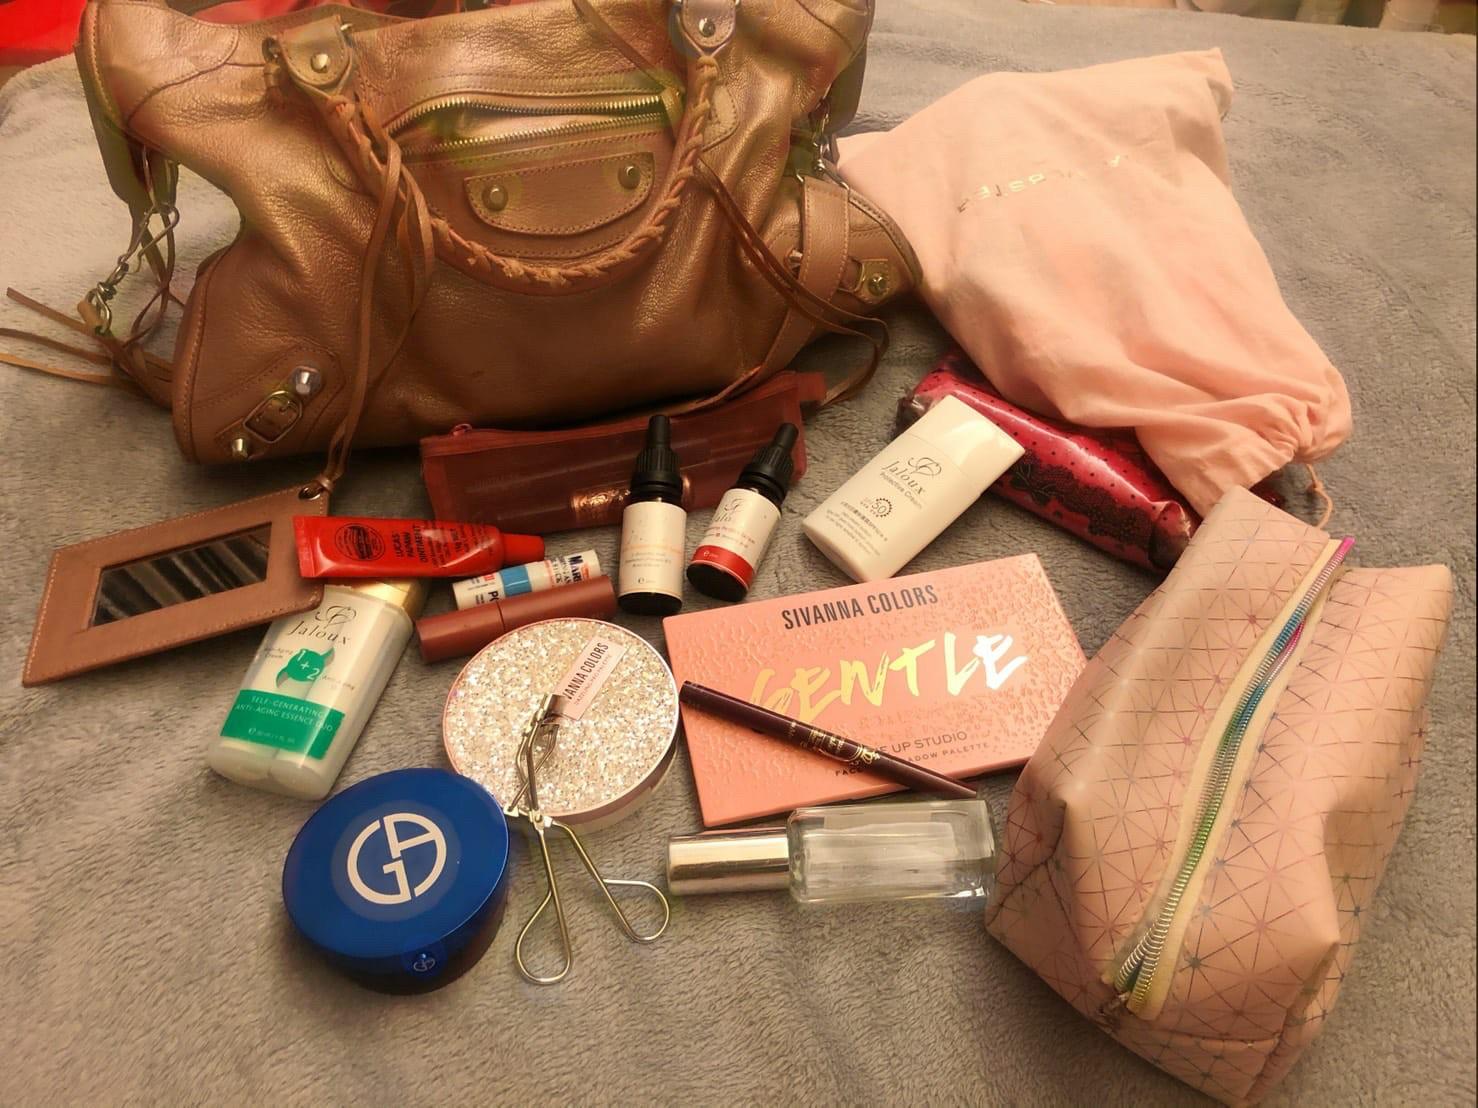 ▲化妝品是姚采穎包包裡必備的用品。